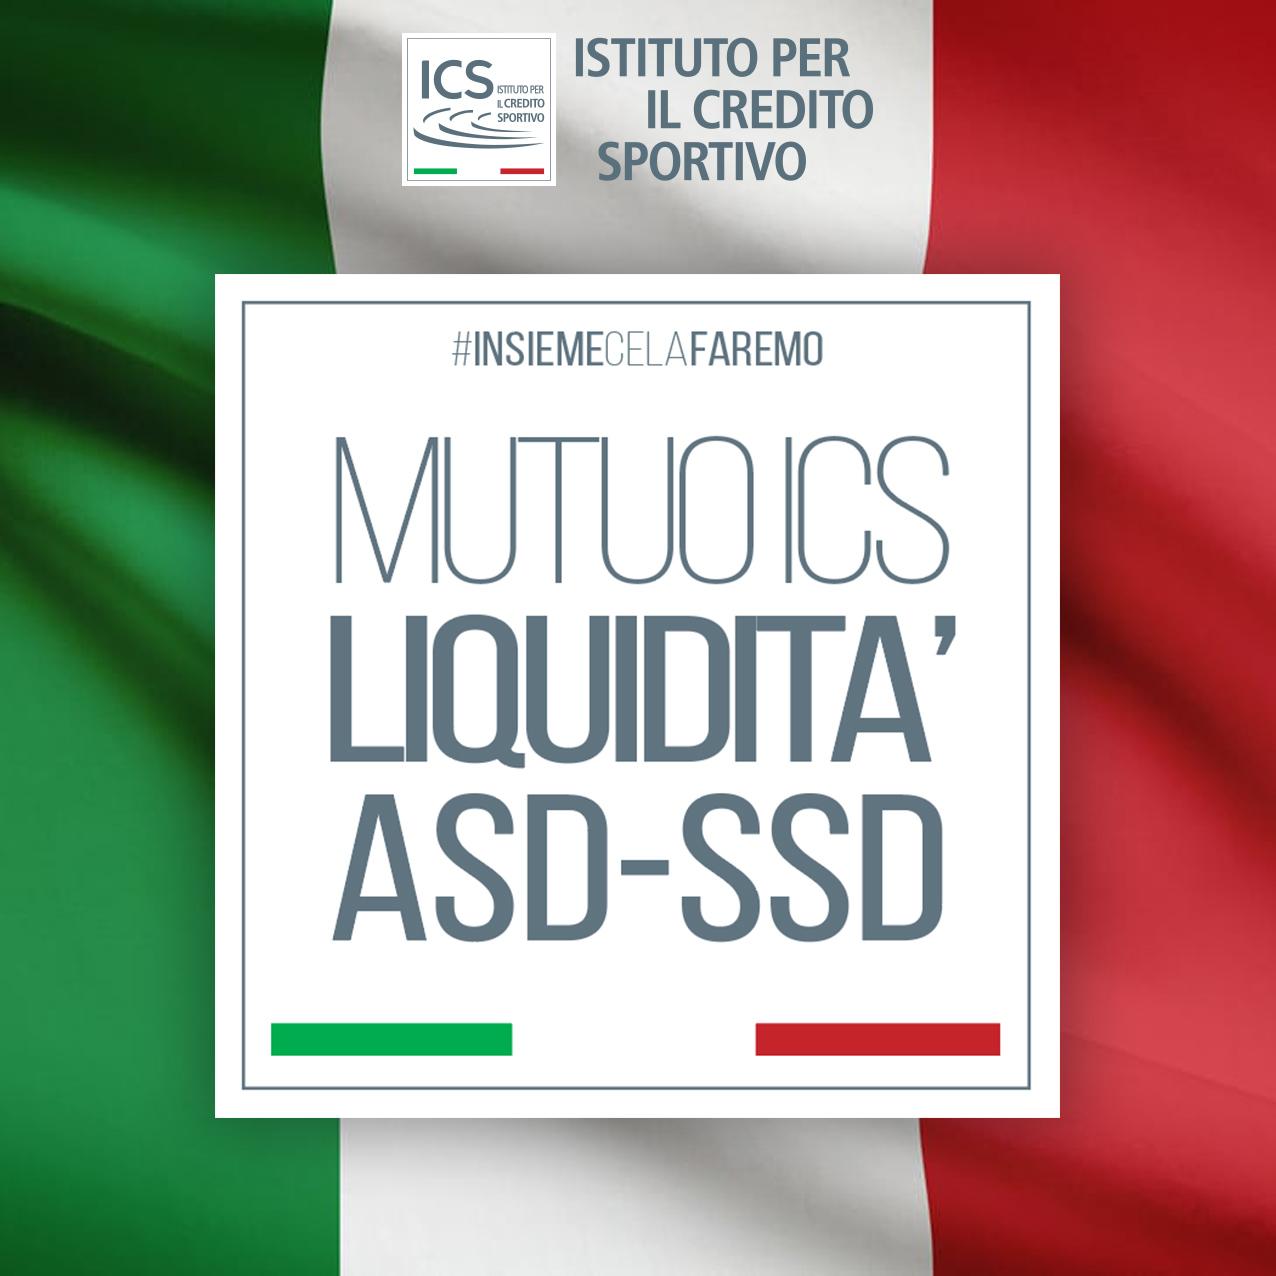 MUTUI A TASSO ZERO ASD/SSD